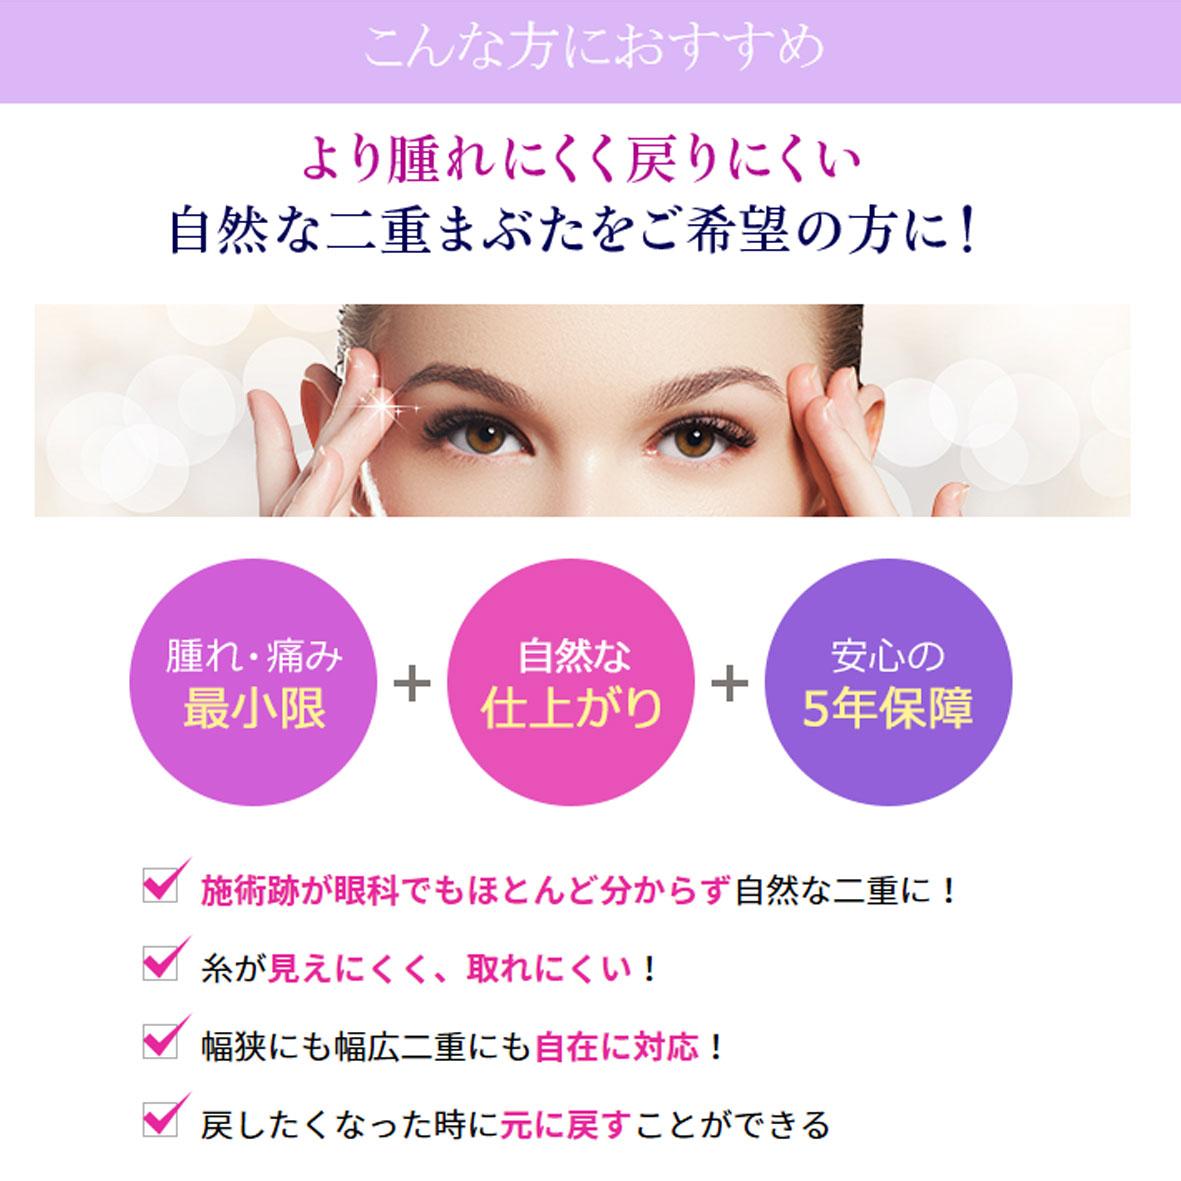 腫れ た 目 を 二 重 に 戻す 方法